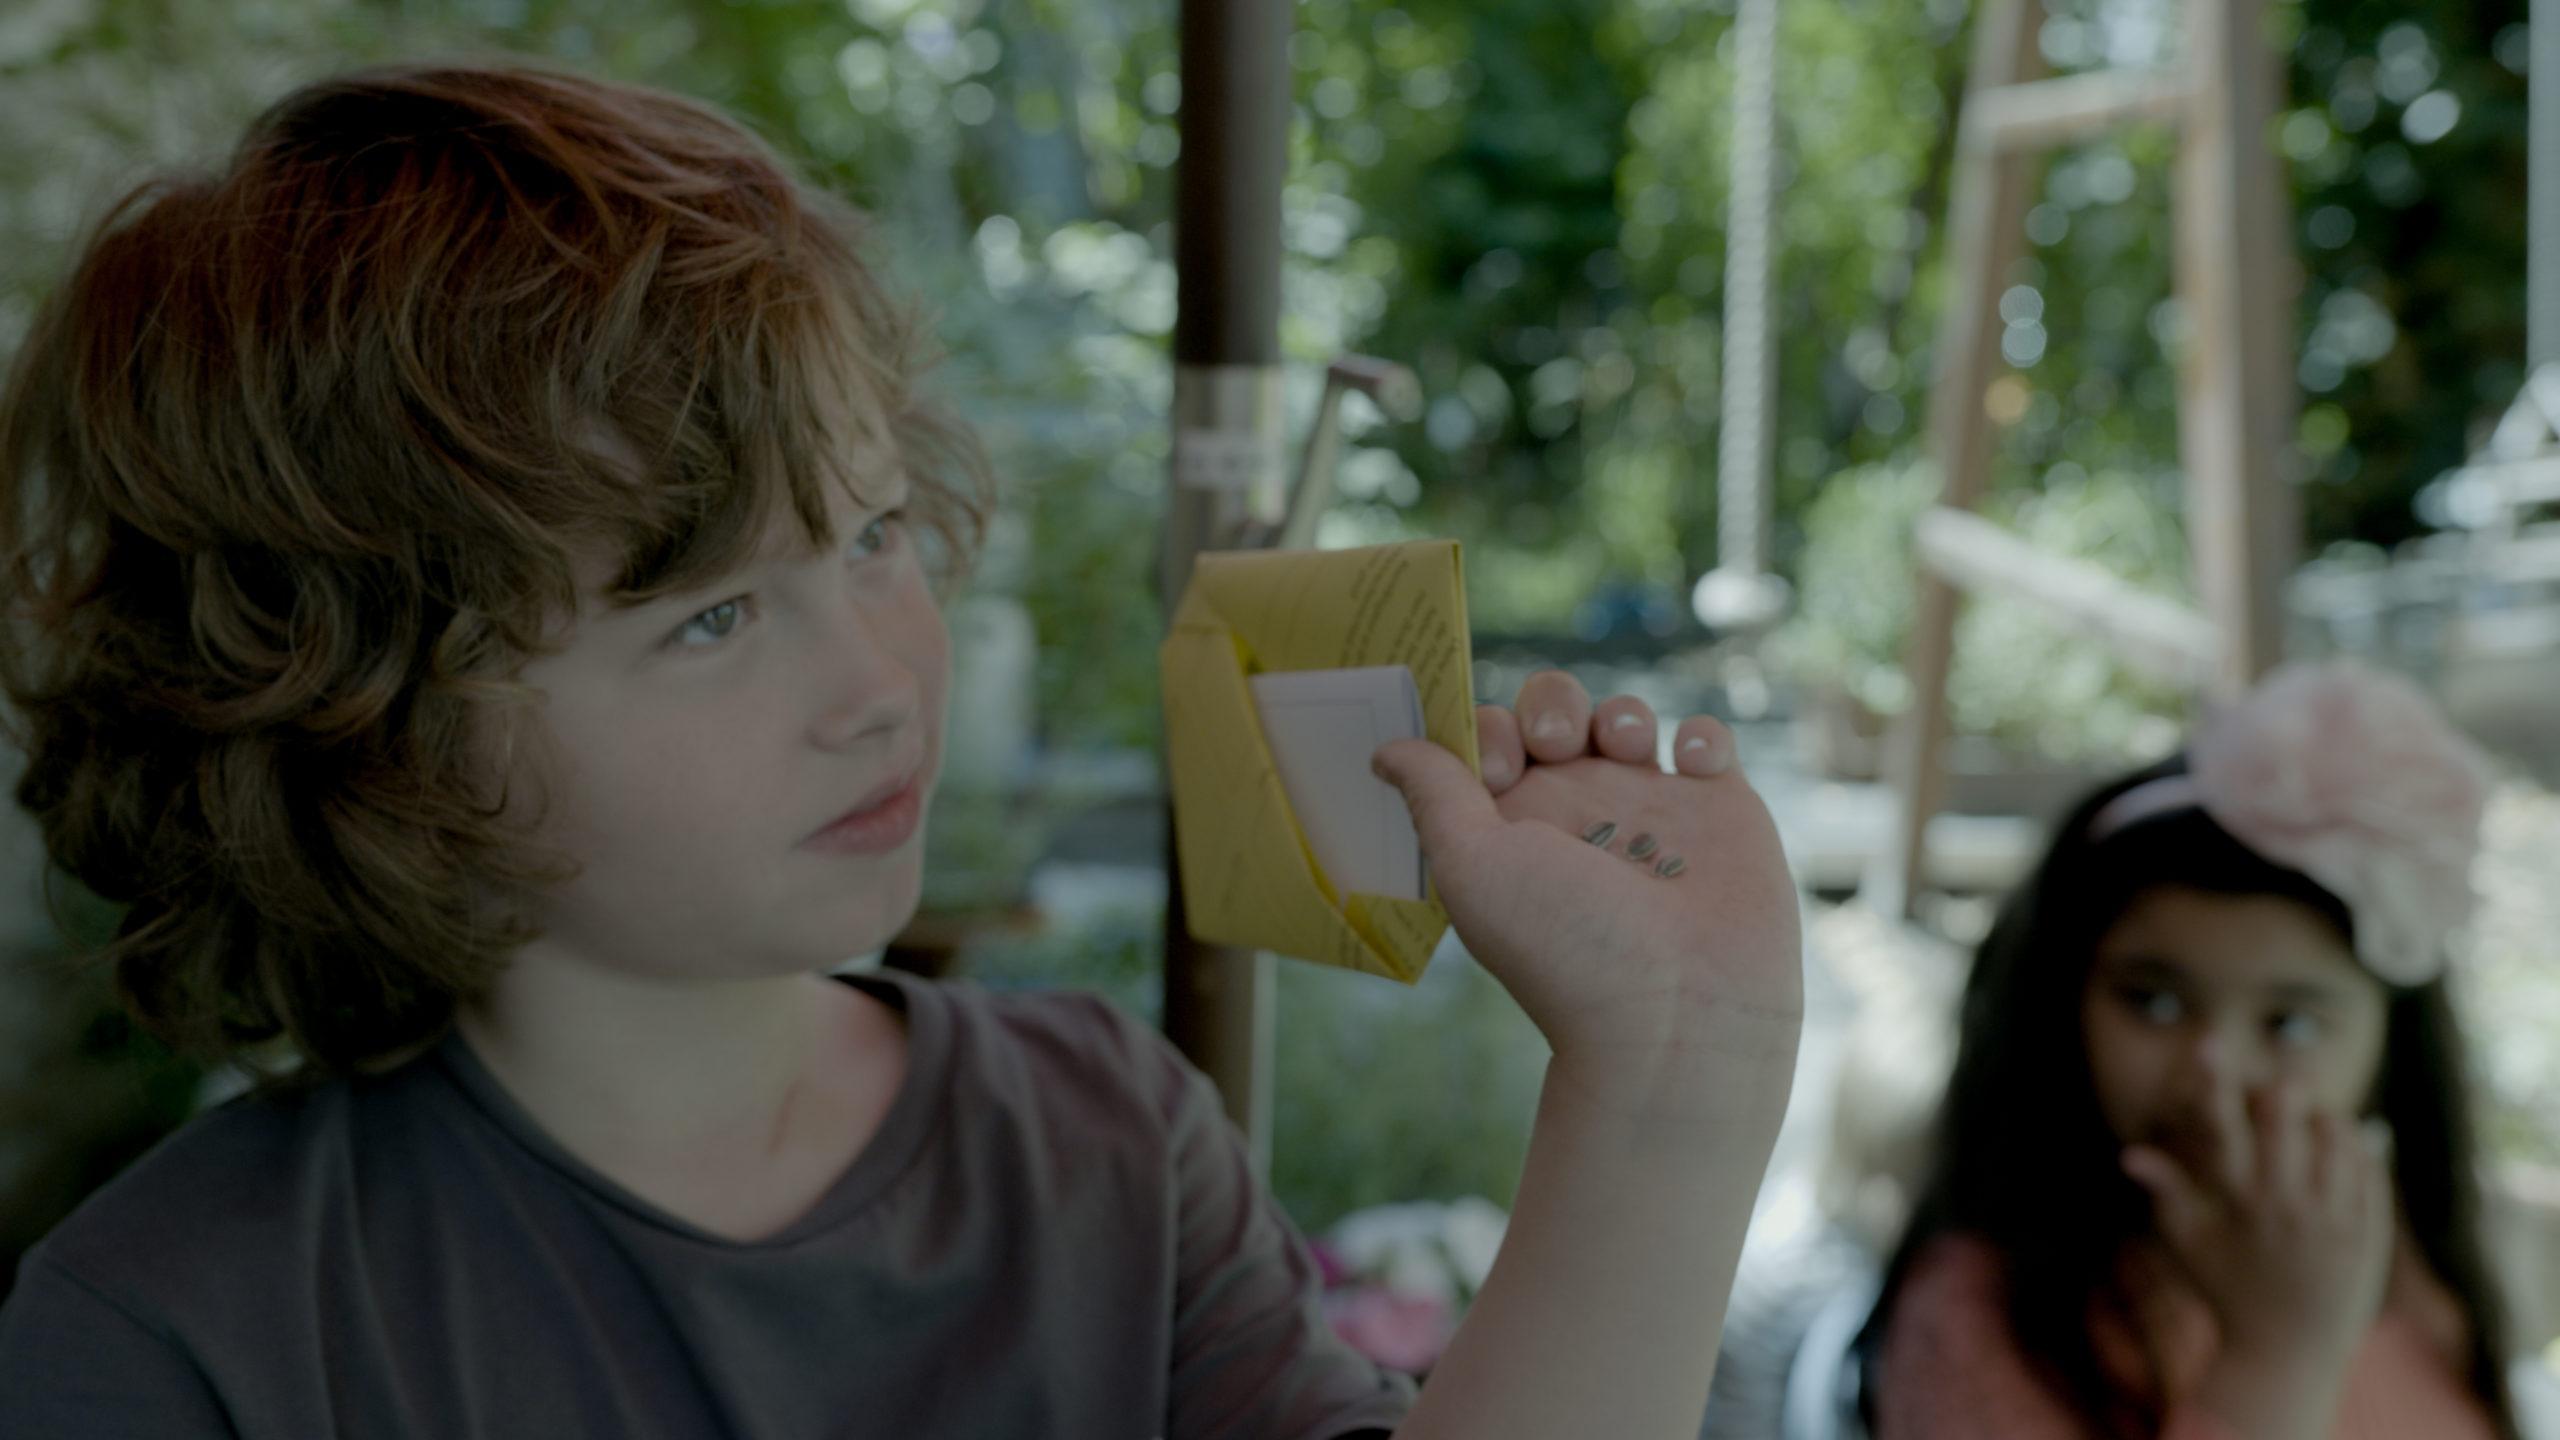 Ben mit seinem Forscherausweis und Sonnenblumensamen